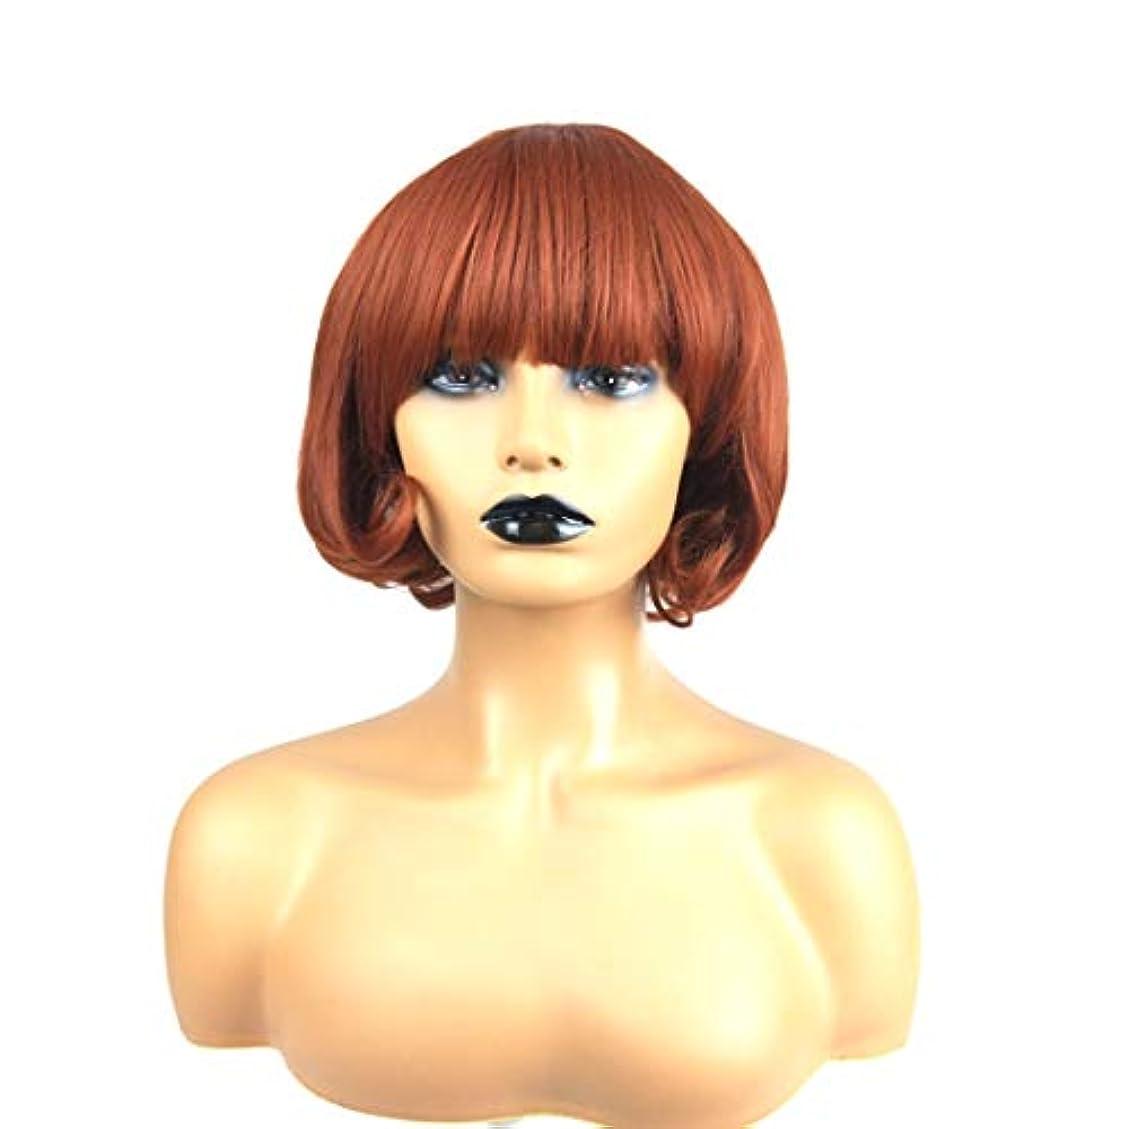 パリティ失敗コーラスKerwinner 前髪とふわふわの化学繊維高温シルクウィッグヘッドギアと茶色の短い巻き毛のかつら